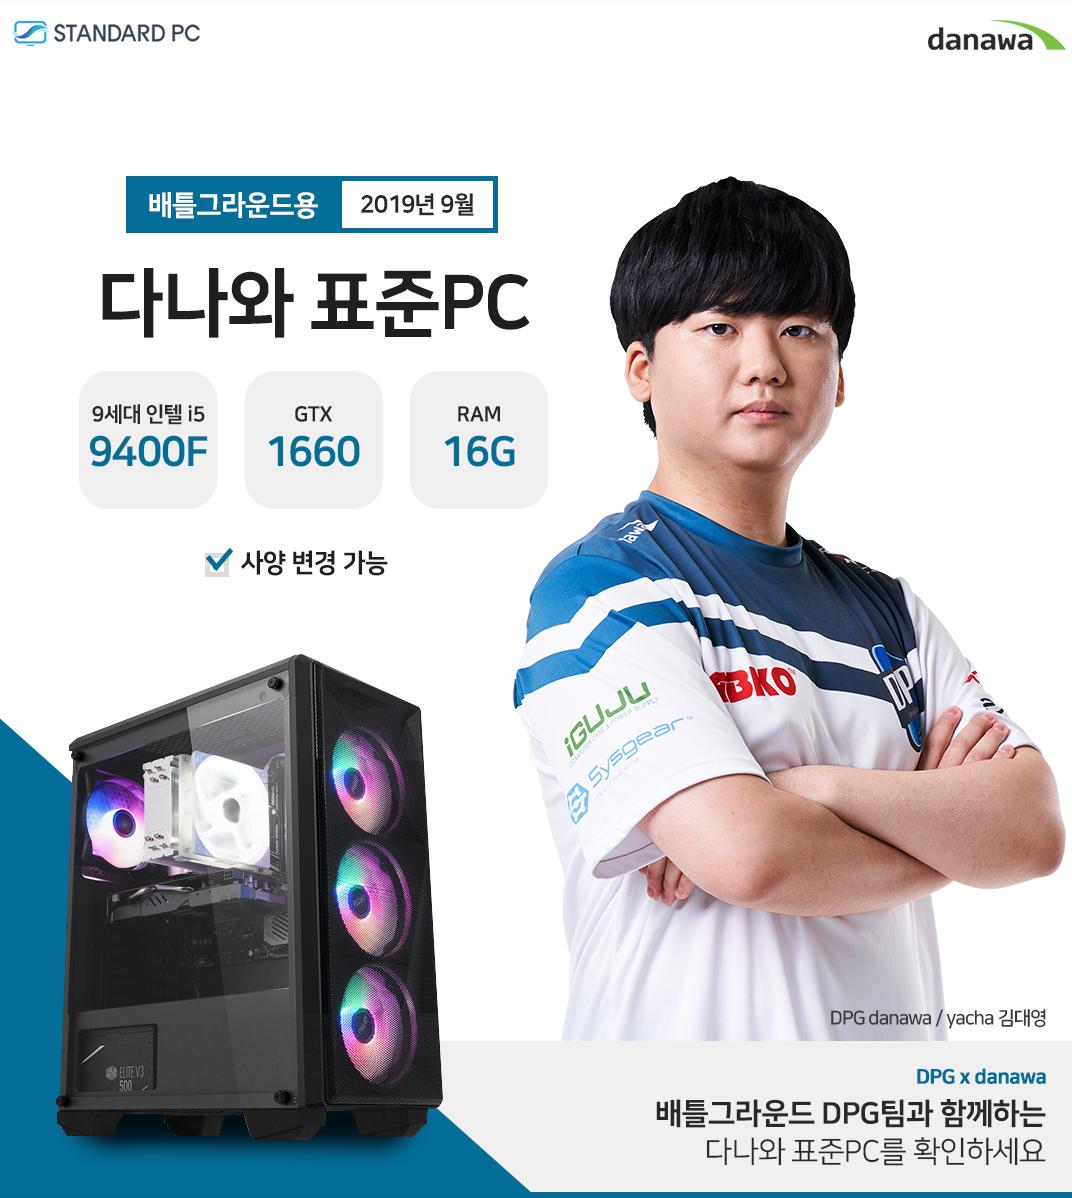 2019년 9월 다나와 표준PC 배틀그라운드용 인텔 코어i5-9세대 9400F GTX1660 RAM 16G